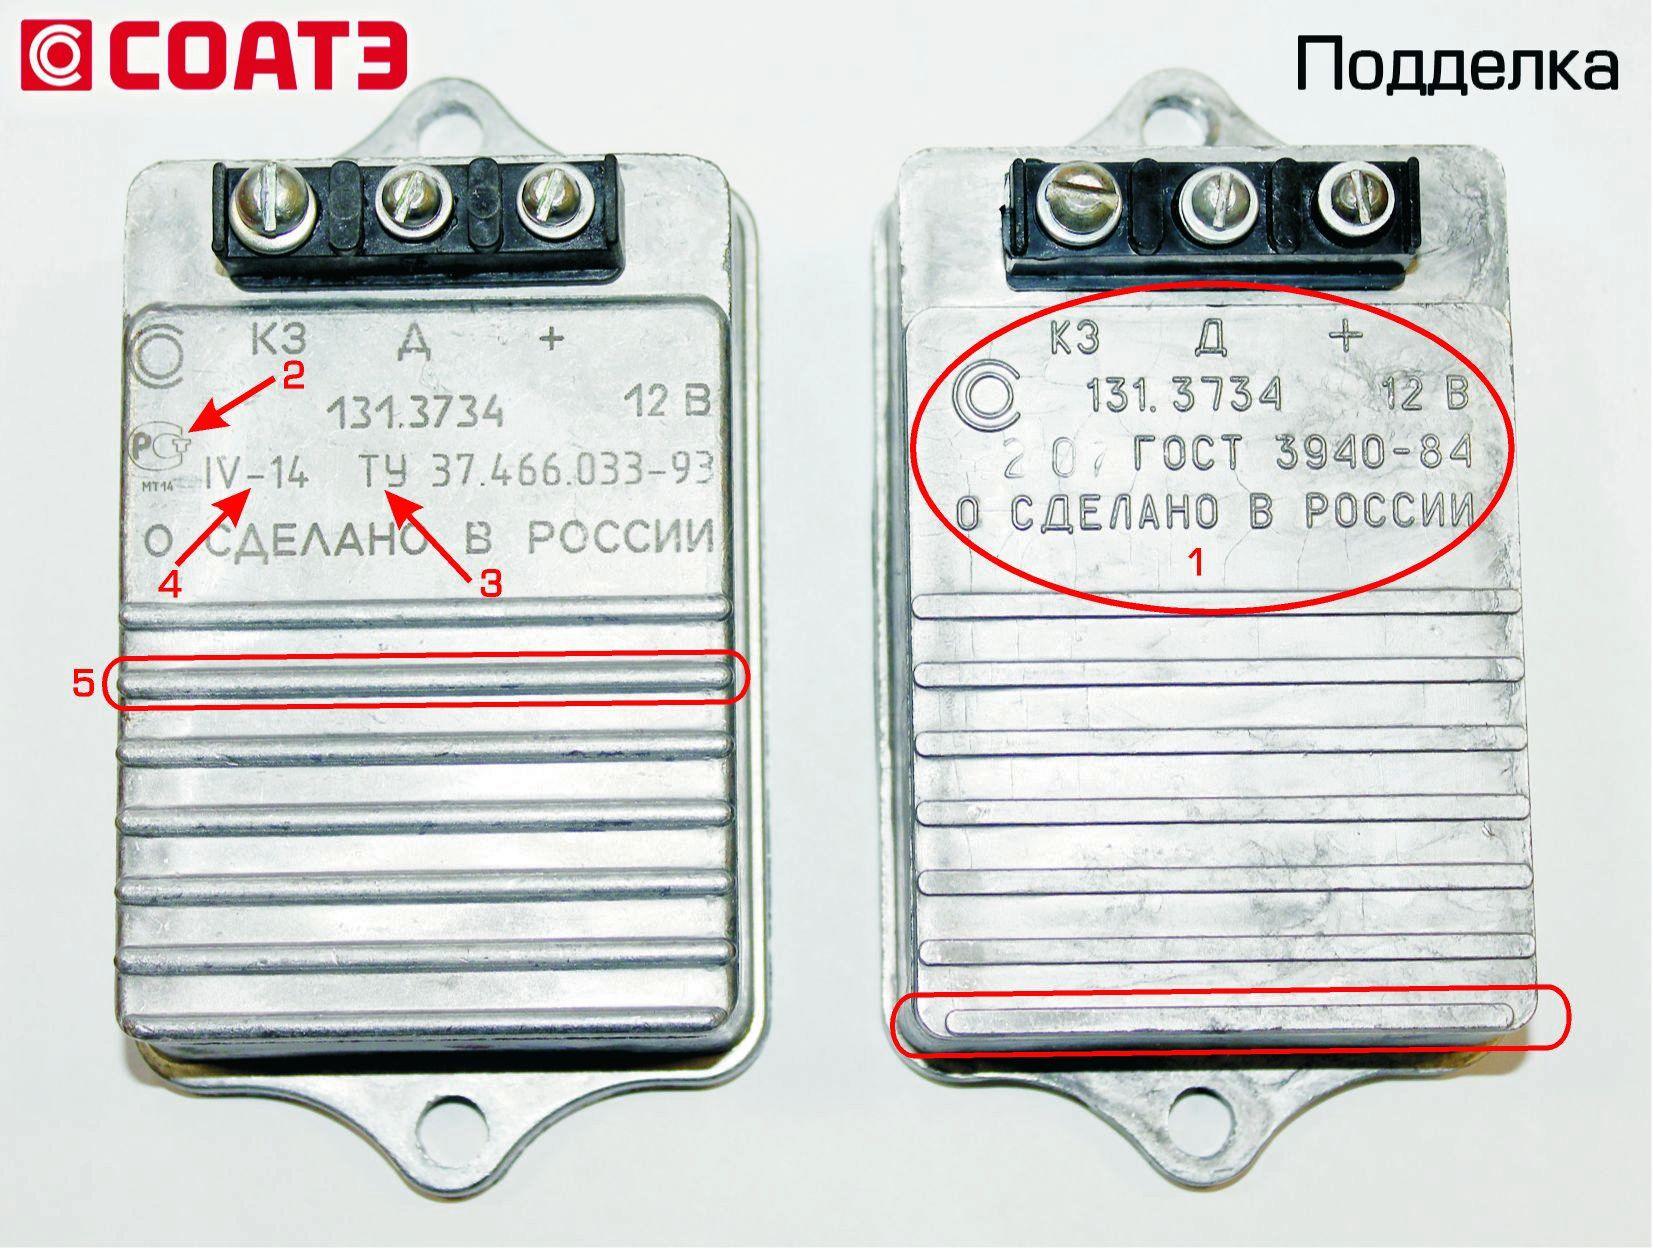 Электронный коммутатор 46 3734 схема